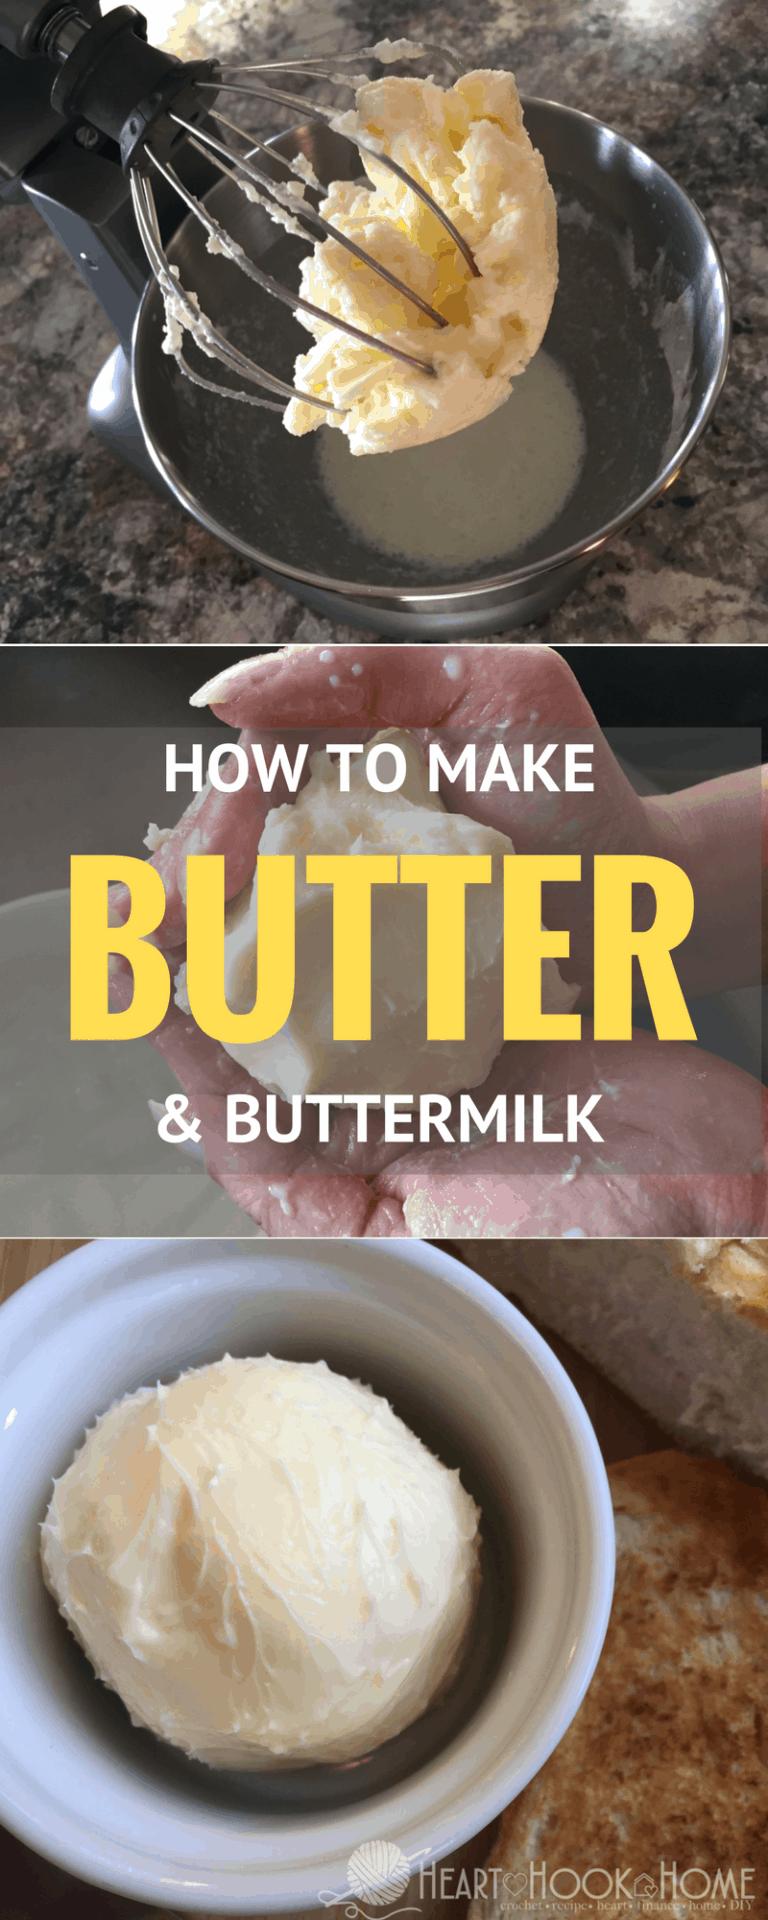 Homemade Butter (and Buttermilk!) Using a Kitchen Mixer